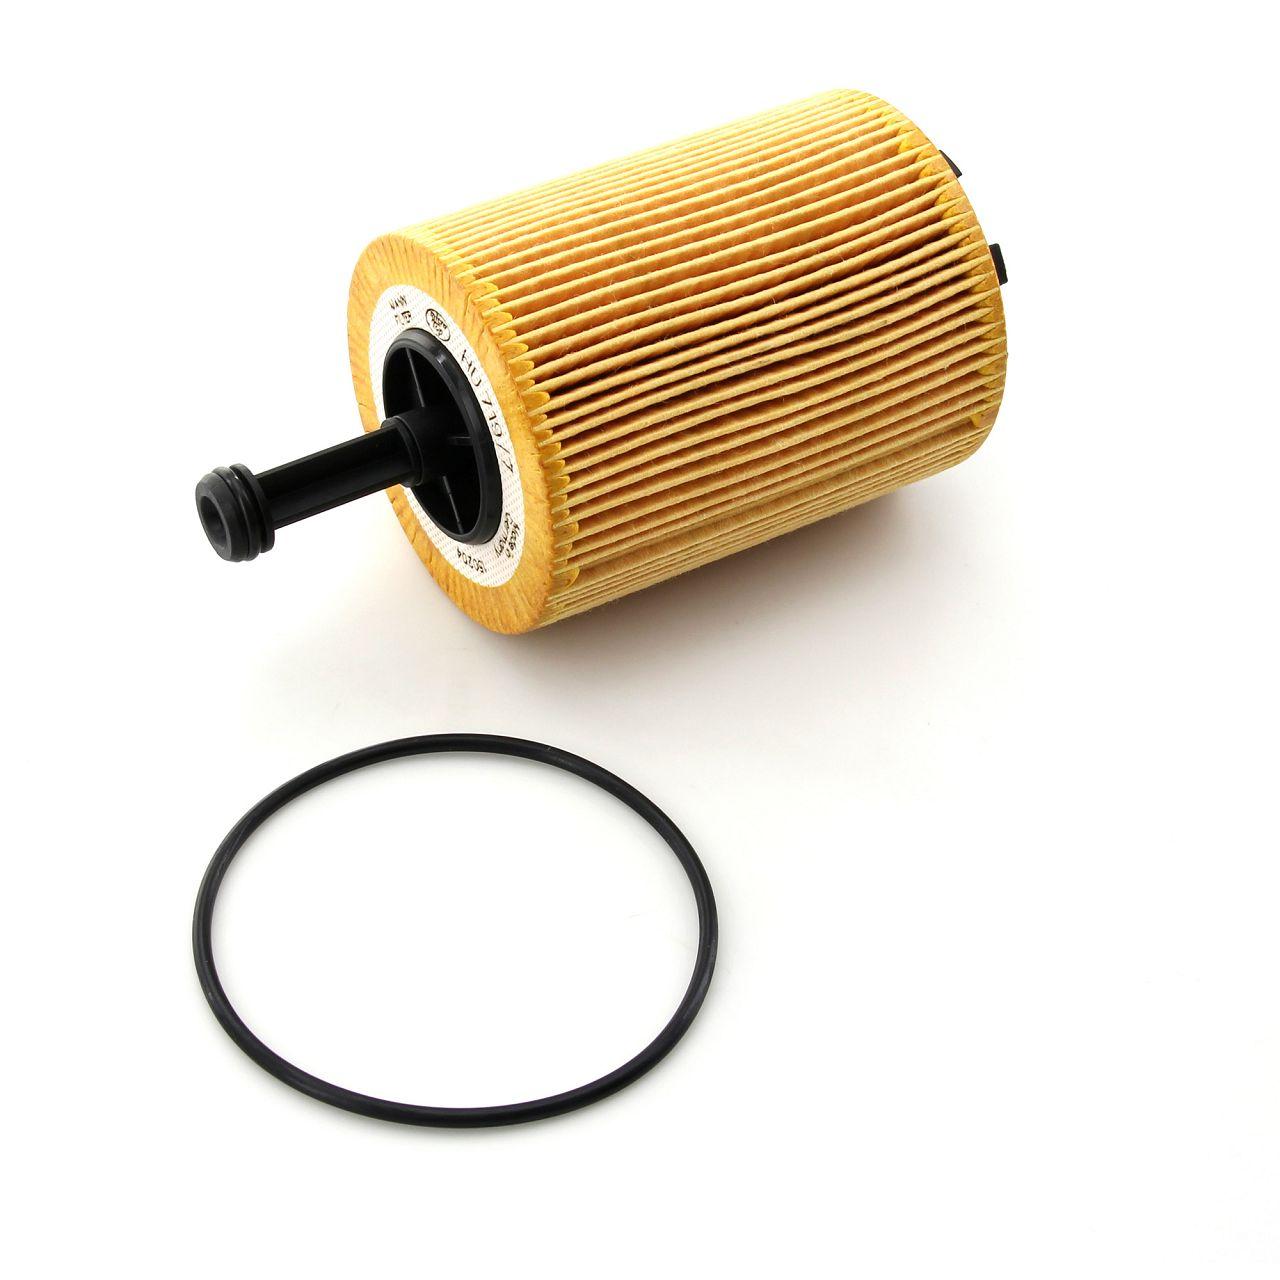 MANN Filterpaket Filterset für AUDI A2 (8Z0) 1.2 TDI 61 PS + 1.4 TDI 75/90 PS